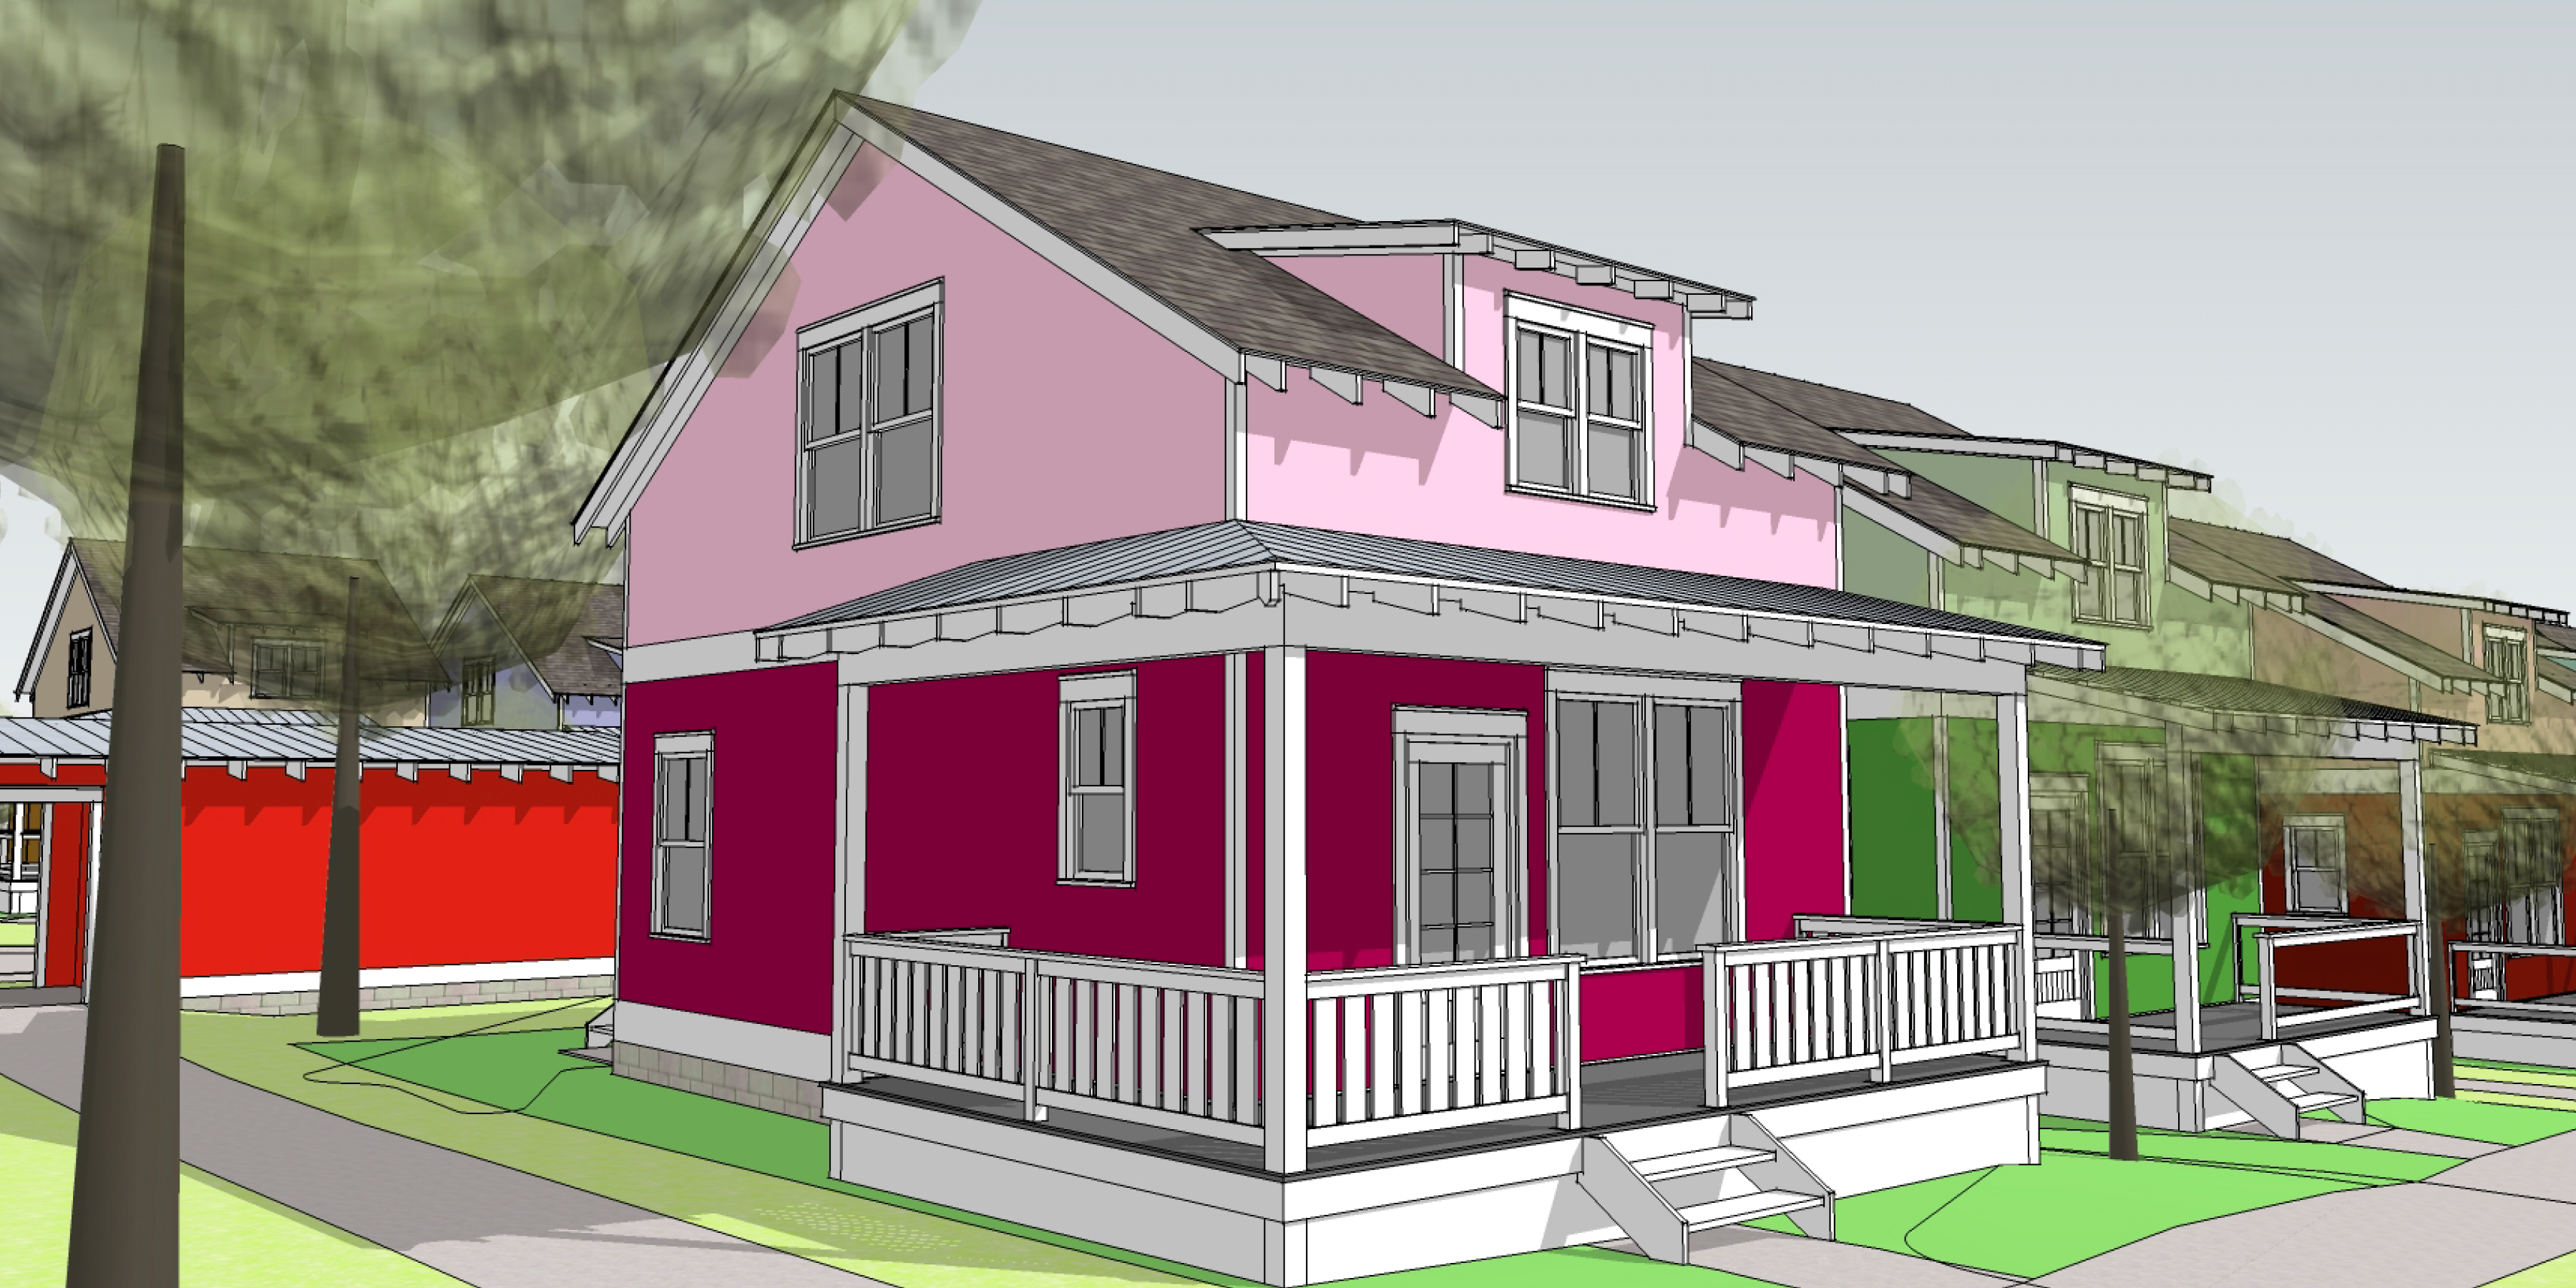 Cohousing Neighborhood Drawing